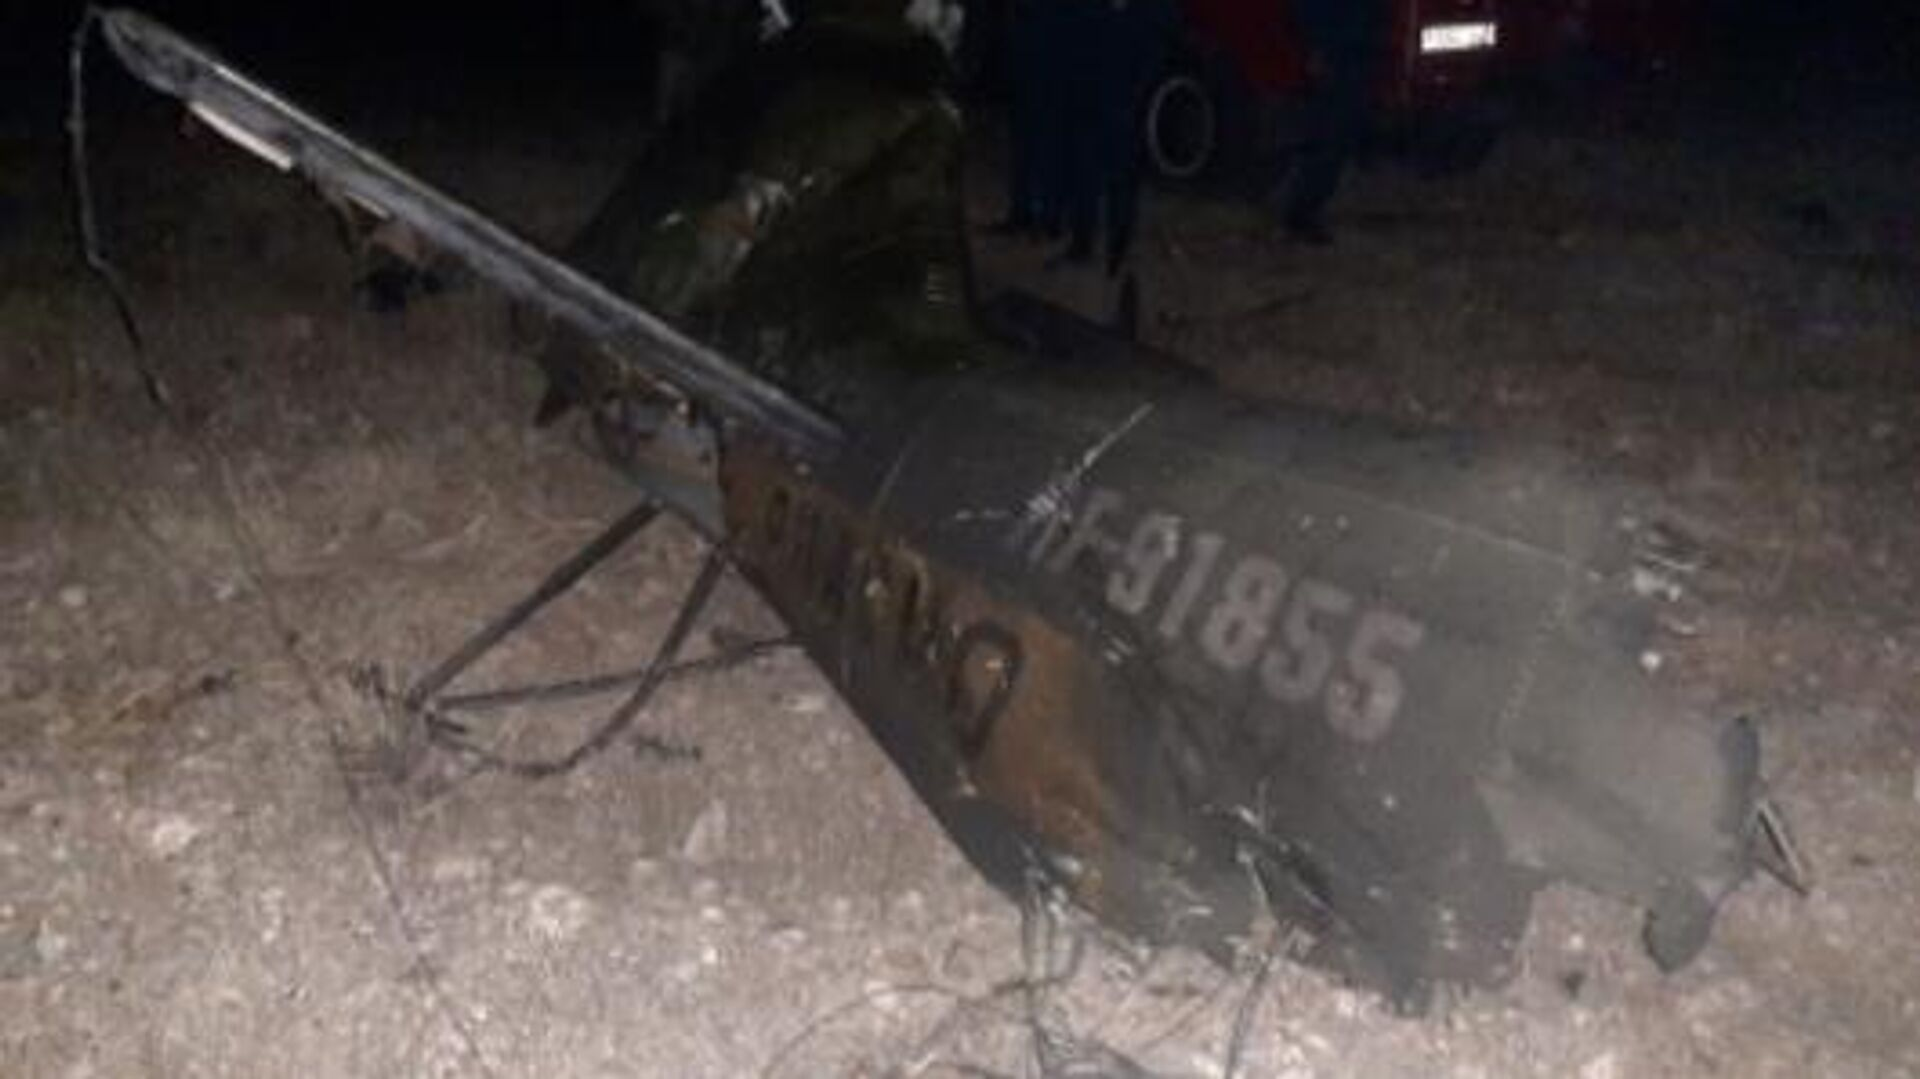 Обломки российского вертолета Ми-24, сбитого в воздушном пространстве над территорией Армении - РИА Новости, 1920, 10.11.2020